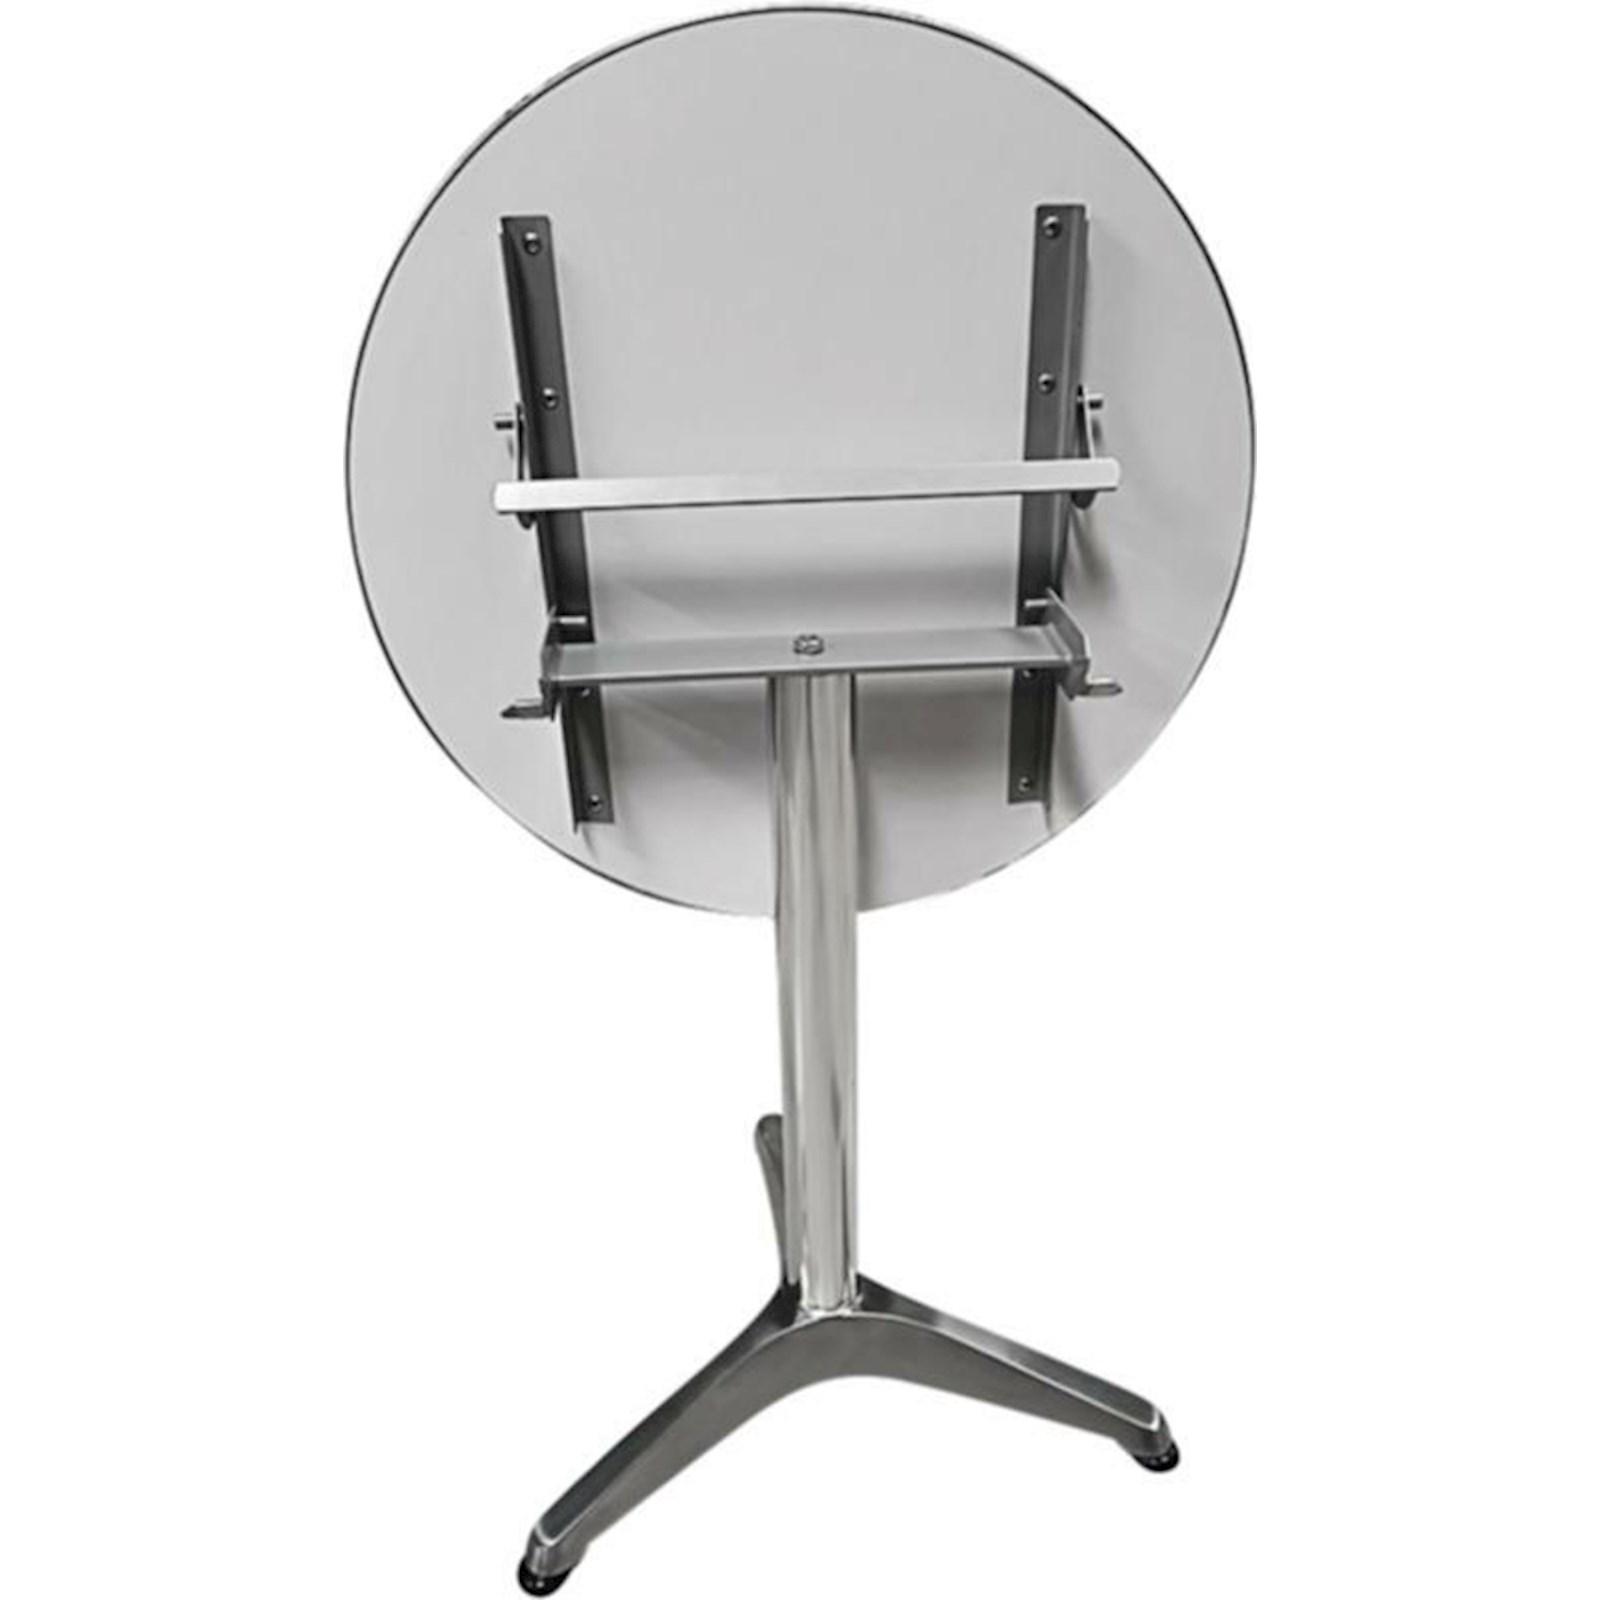 Table Alu Ronde 60 Cm Meubles D Exterieur Landi